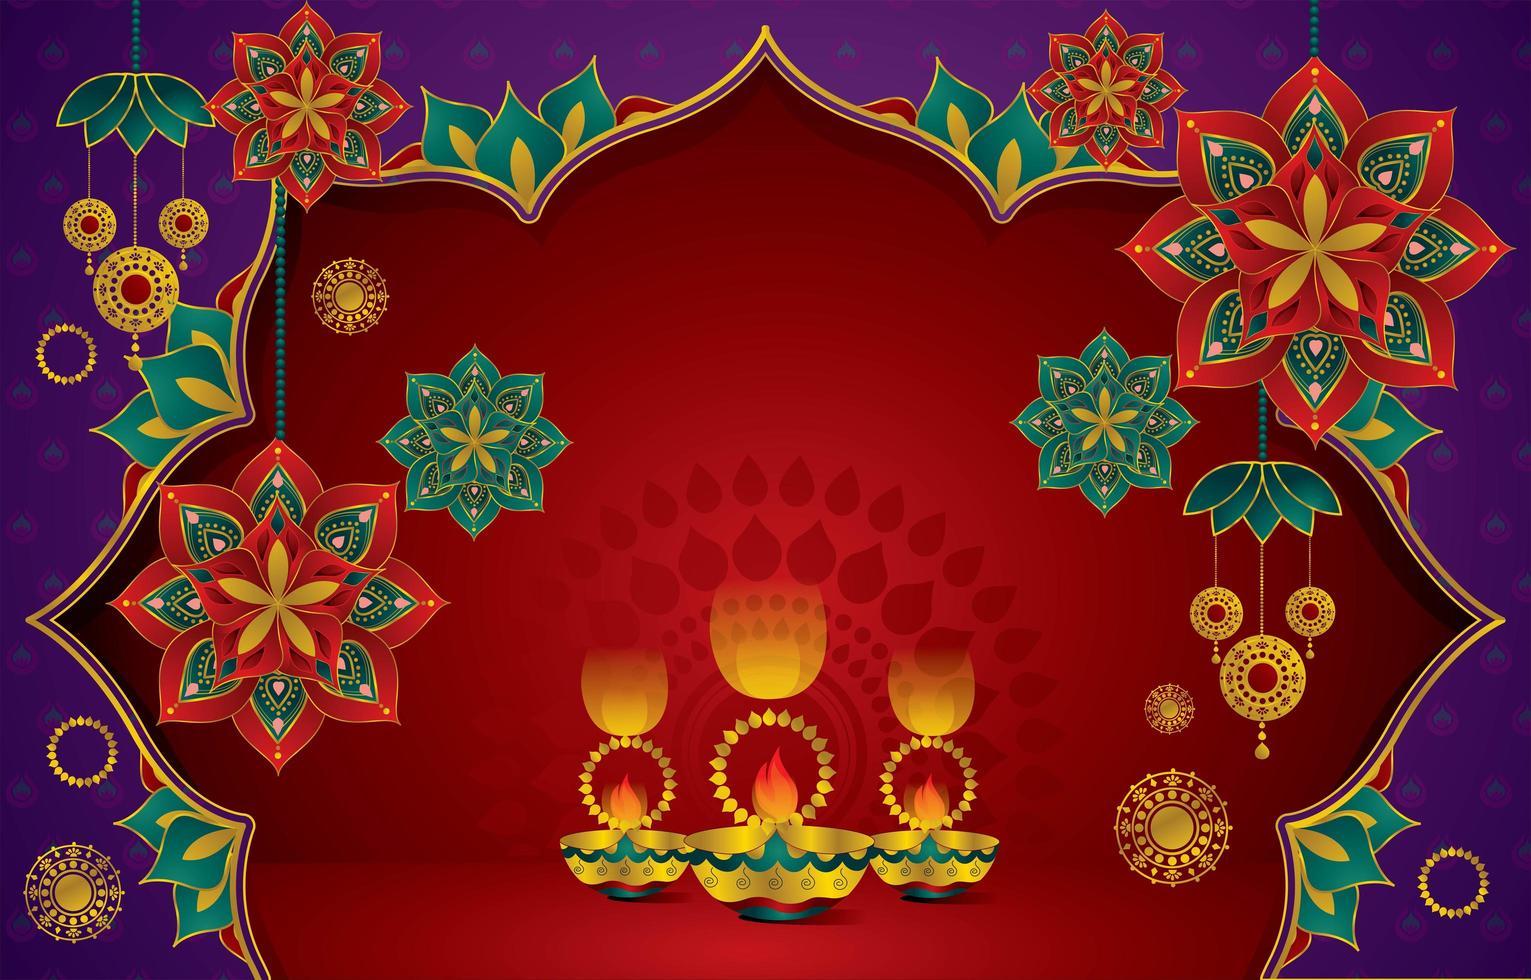 Hintergrund für Diwali Festival Feier in Indien vektor